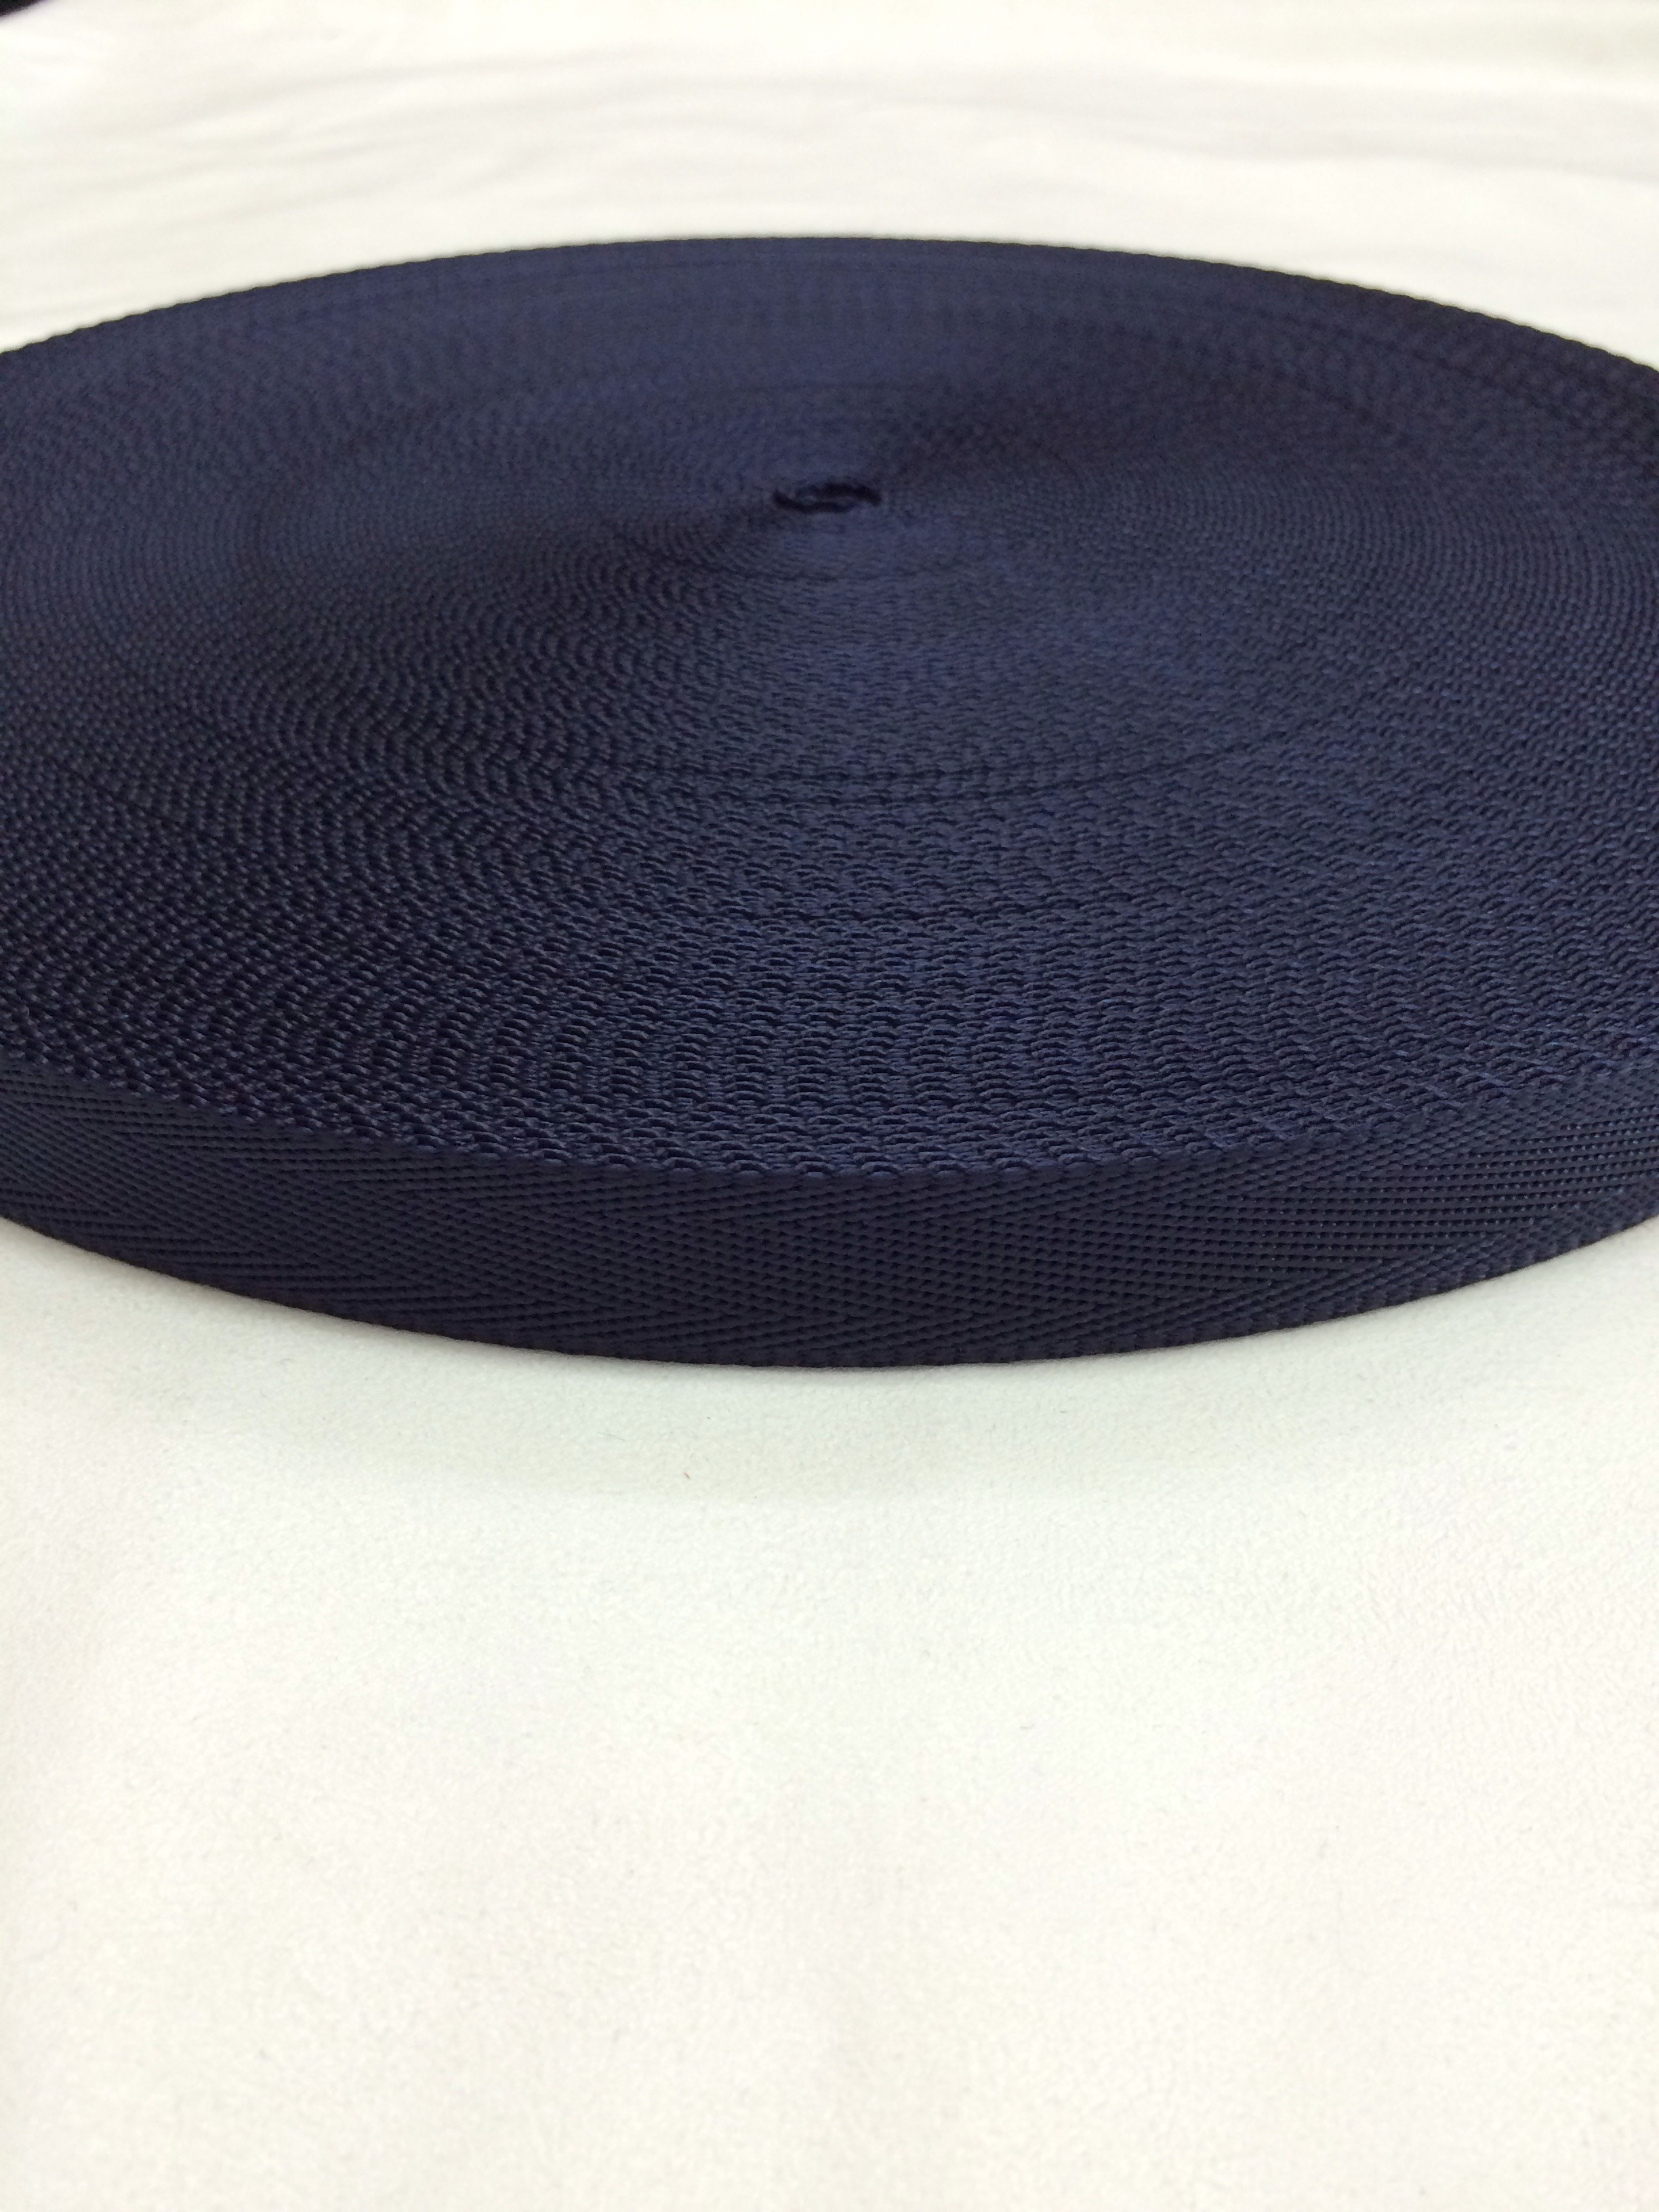 ナイロン シート織 20mm幅 1.3mm厚 カラー(黒以外) 1m